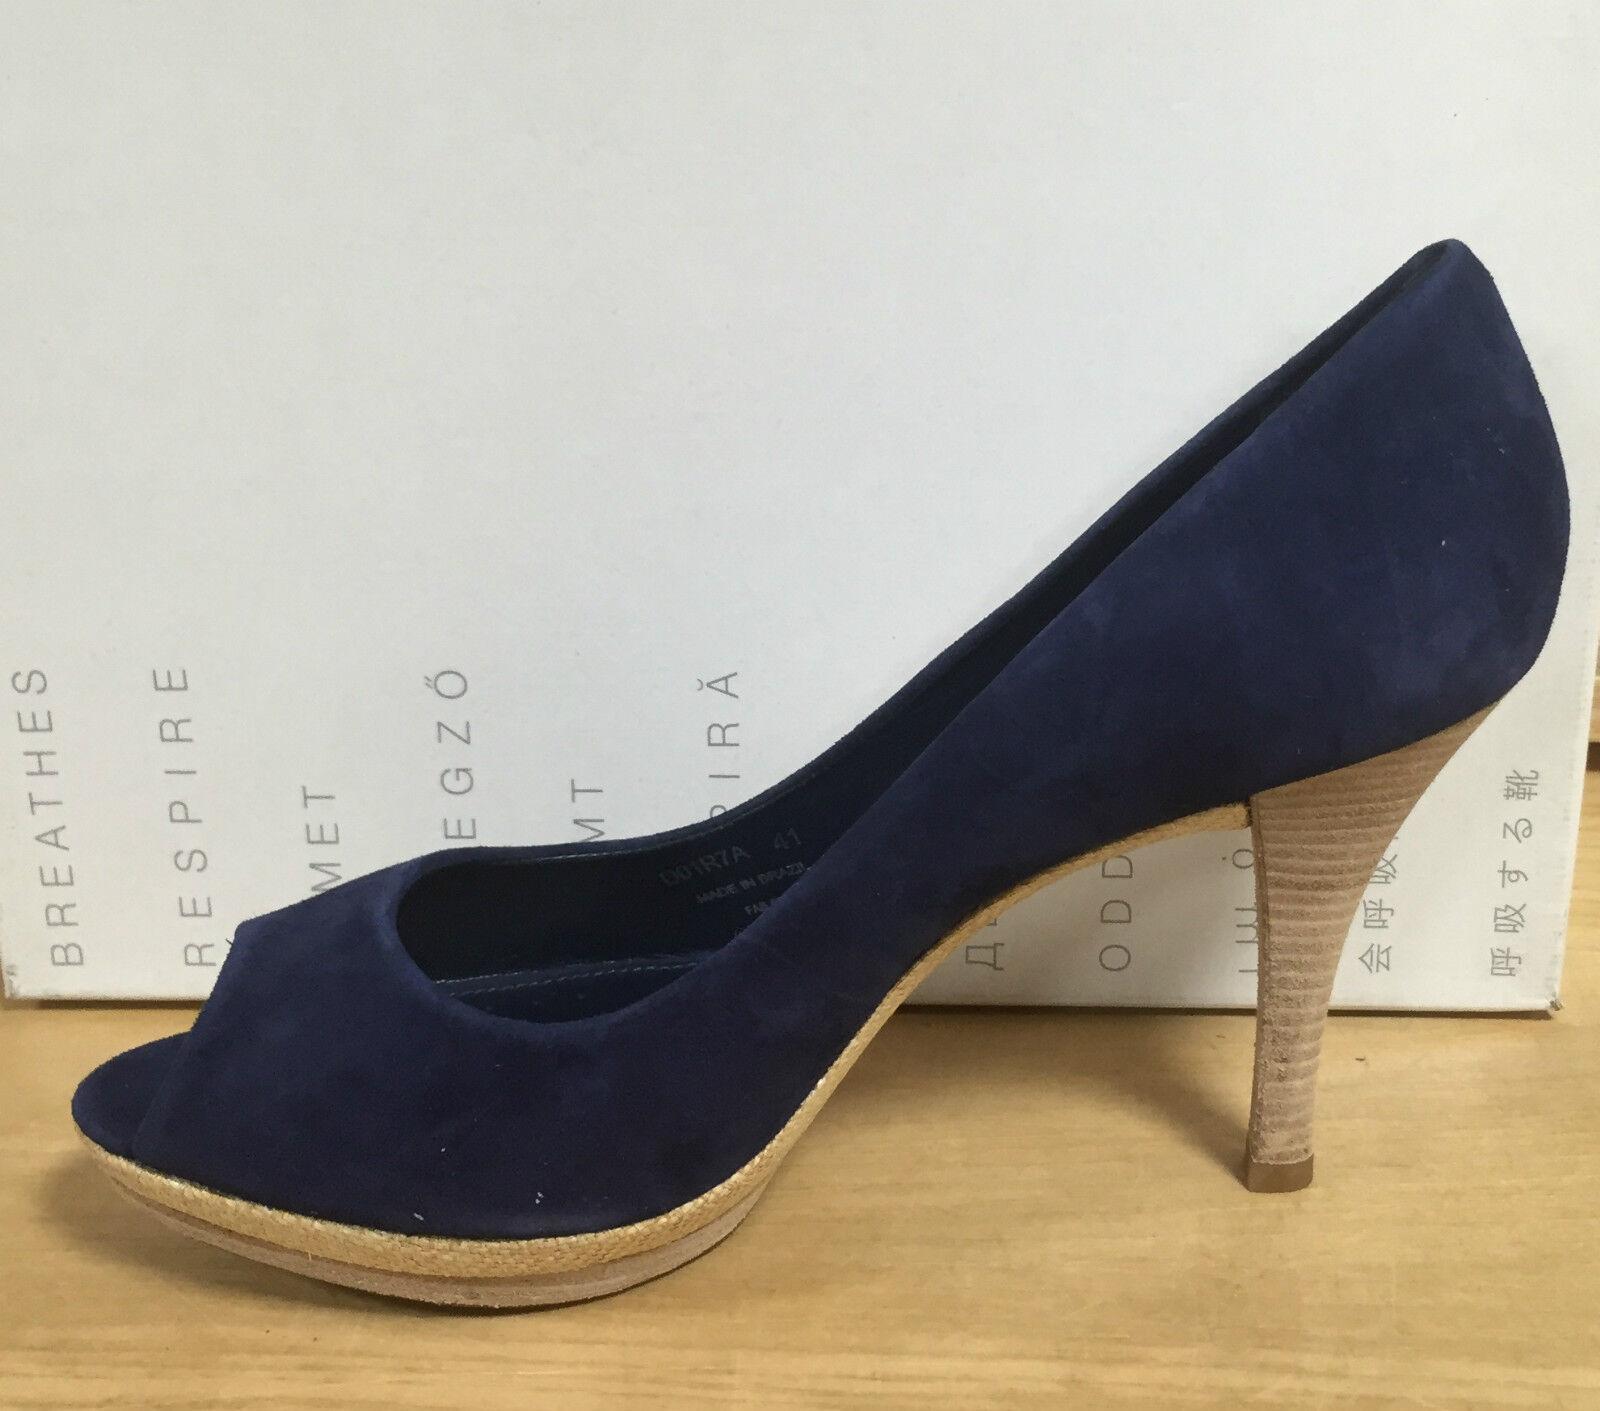 Geox d01r7a scarpe Damens decolte